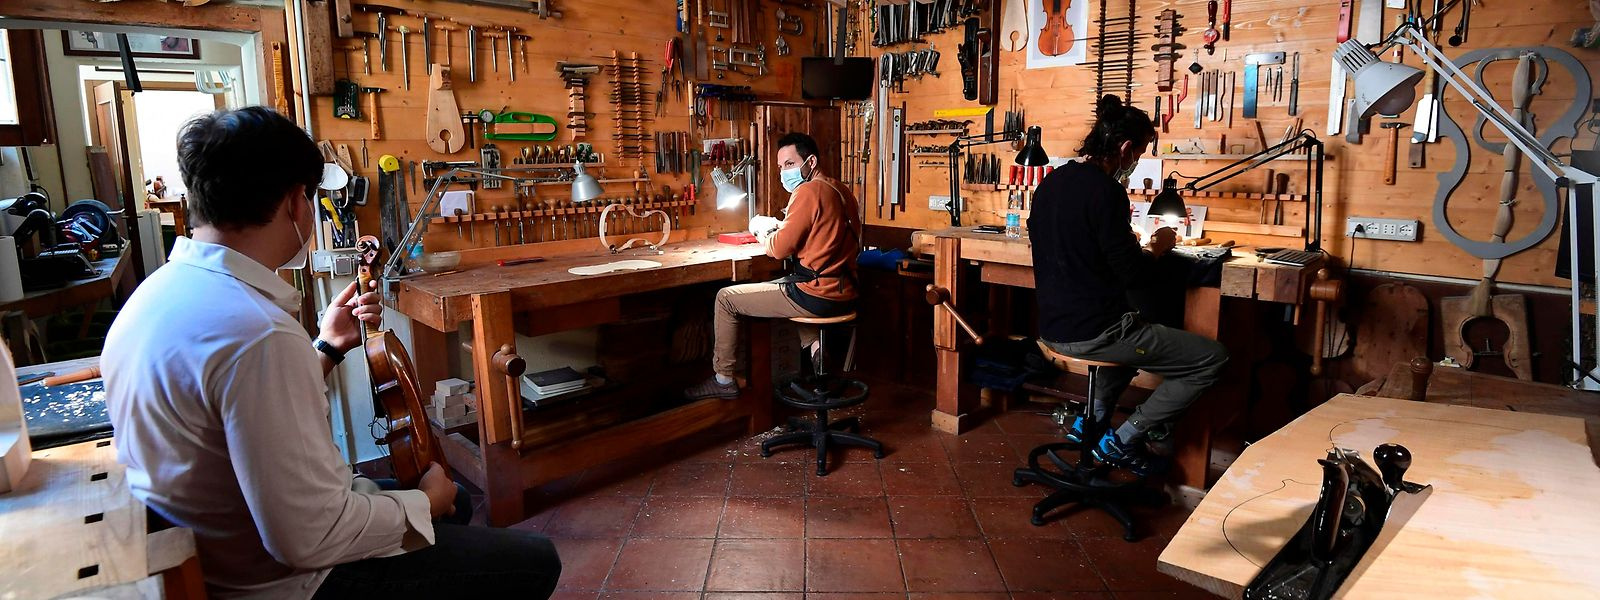 La ville de Crémone compte pas moins de 160 ateliers de lutherie qui font vivre un art ancestral.